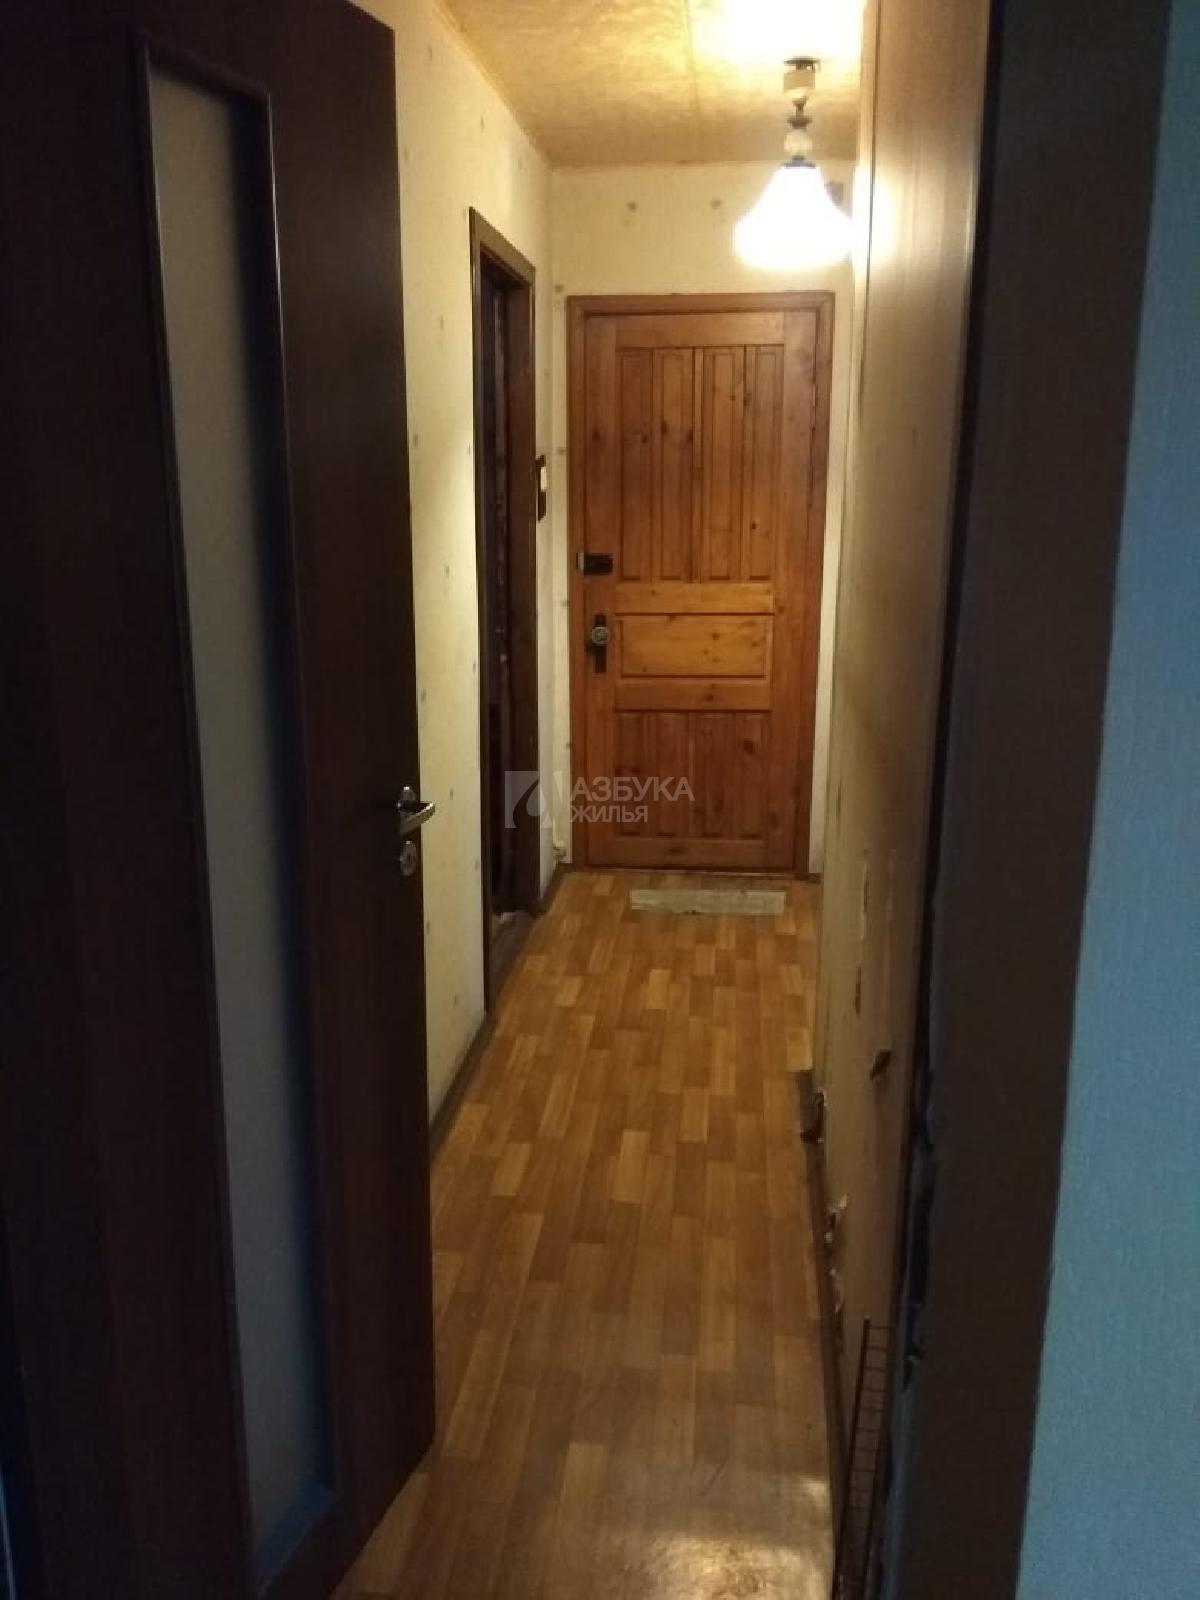 Фото №2 - 3-комнатная квартира, Тарасовка, Пожидаева улица 13 А